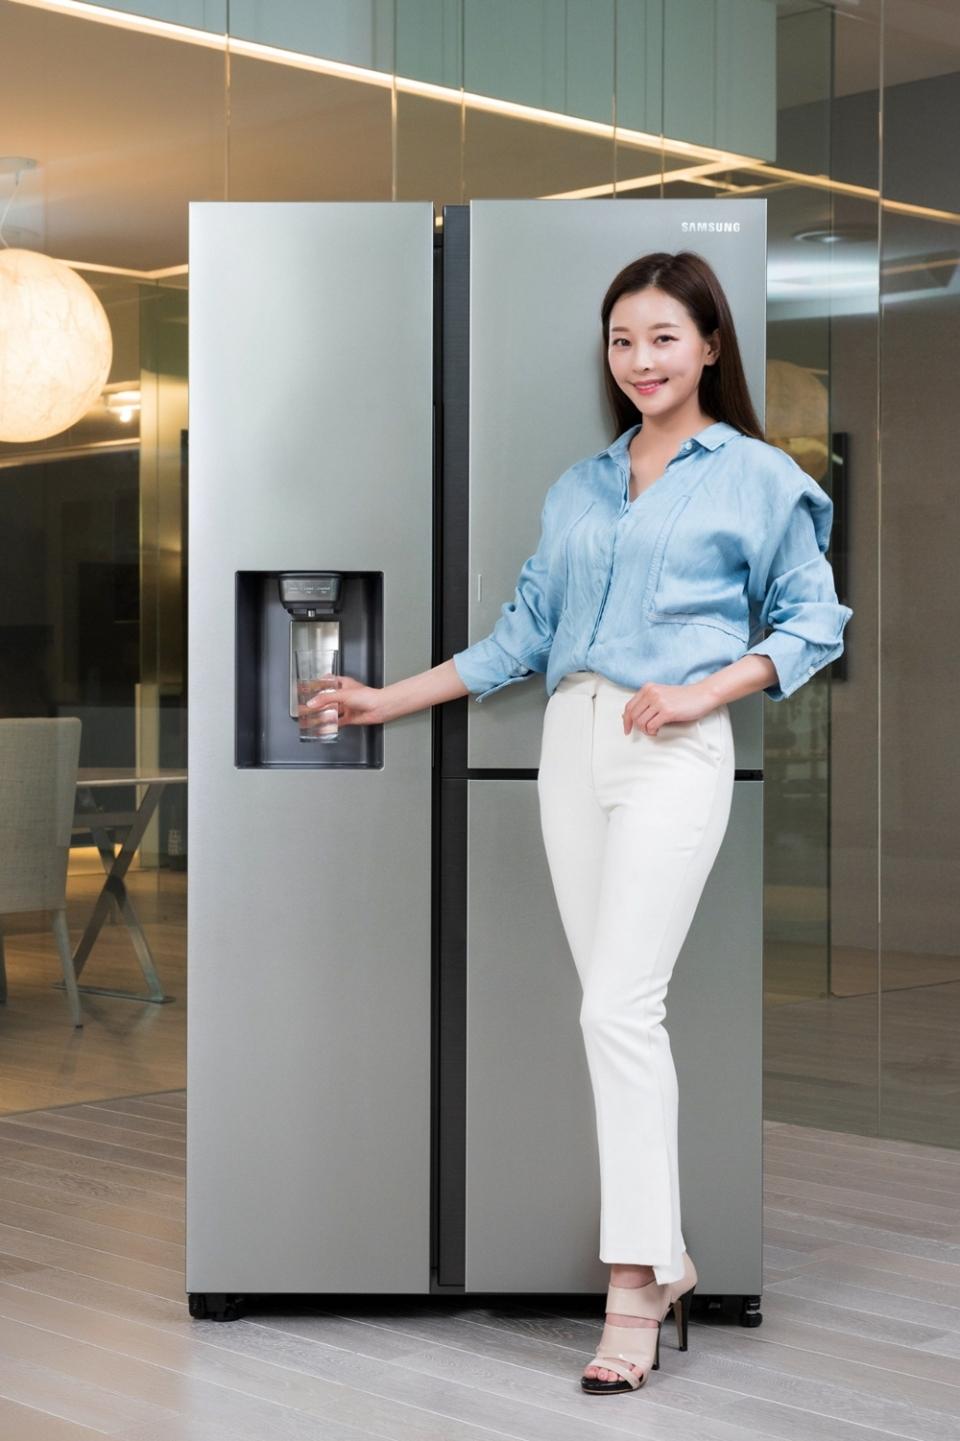 삼성전자 모델이 수원 삼성전자 디지털시티 프리미엄하우스에서 정수기를 탑재한 '양문형 정수기 냉장고' 신제품을 소개하고 있다.